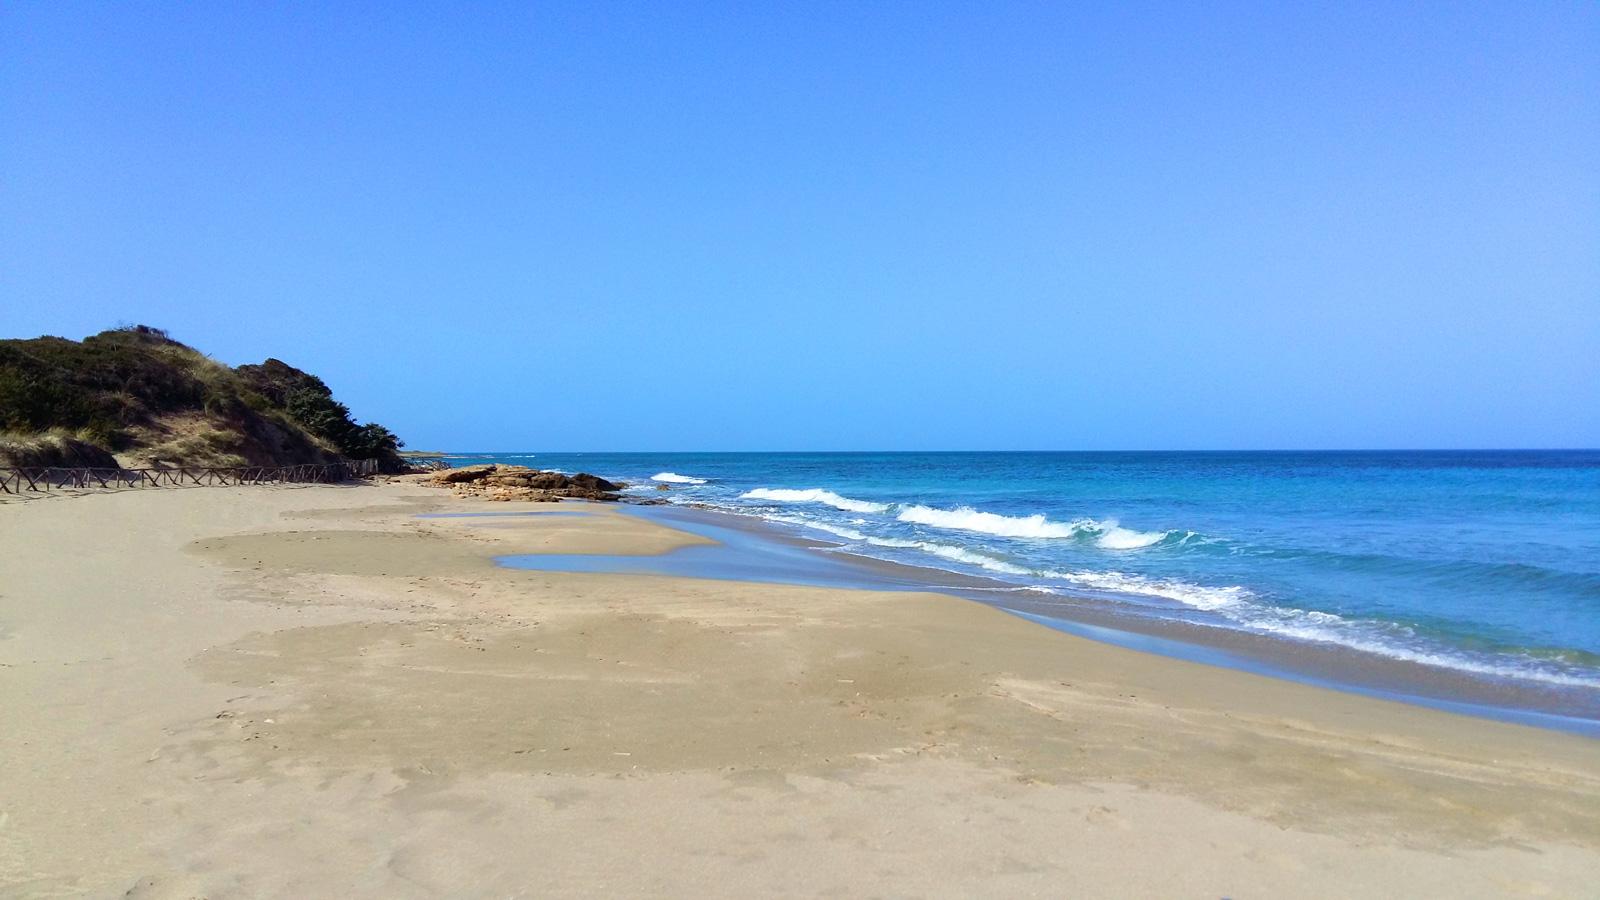 vacanze ostuni casa giovanna spiaggia rosa marina